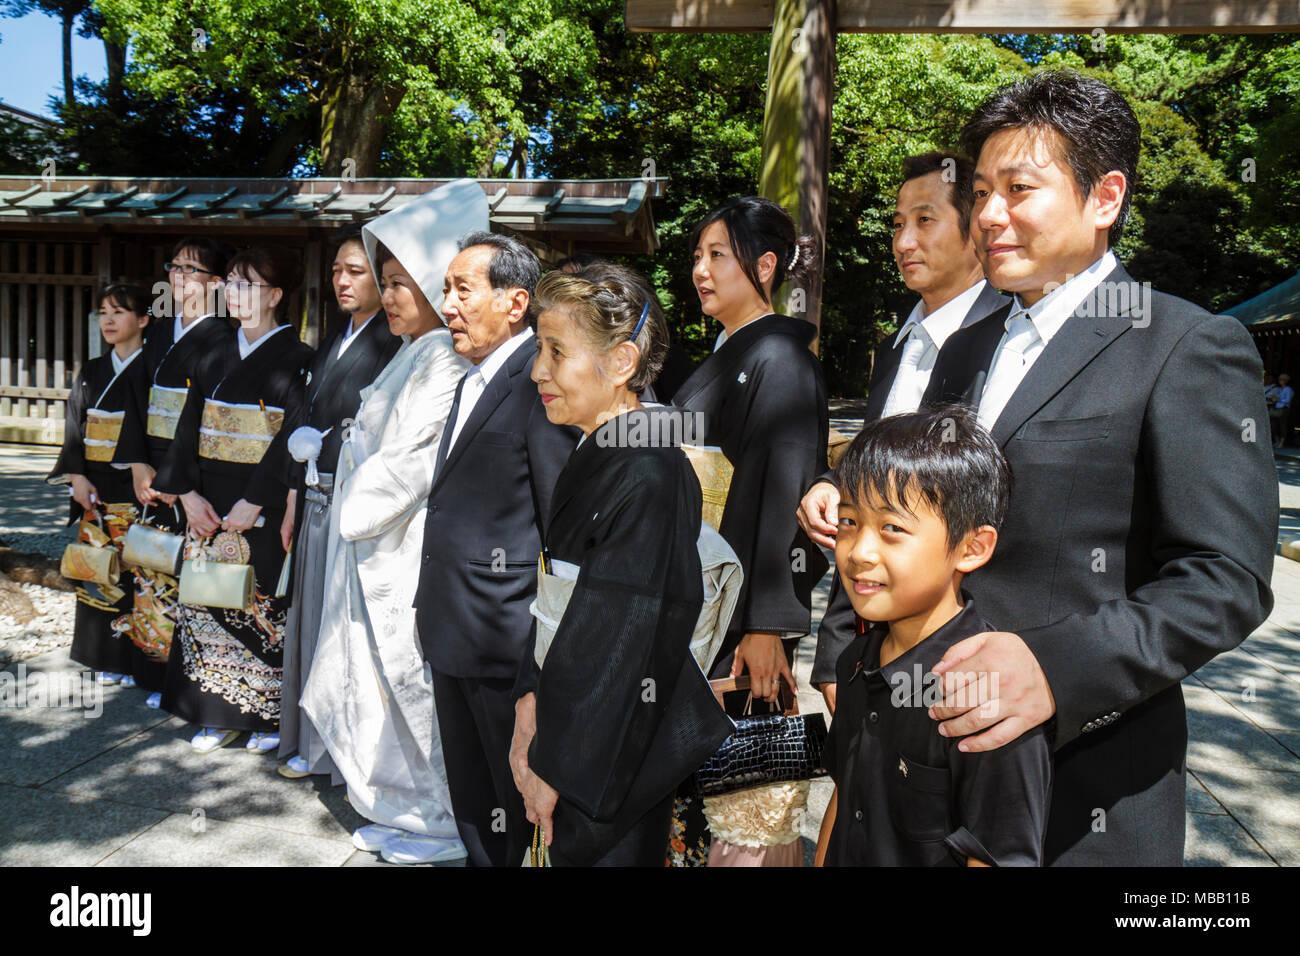 Matrimonio Con Uomo Con Figli : Tokyo giappone shibuya ku meiji jingu sacrario scintoista